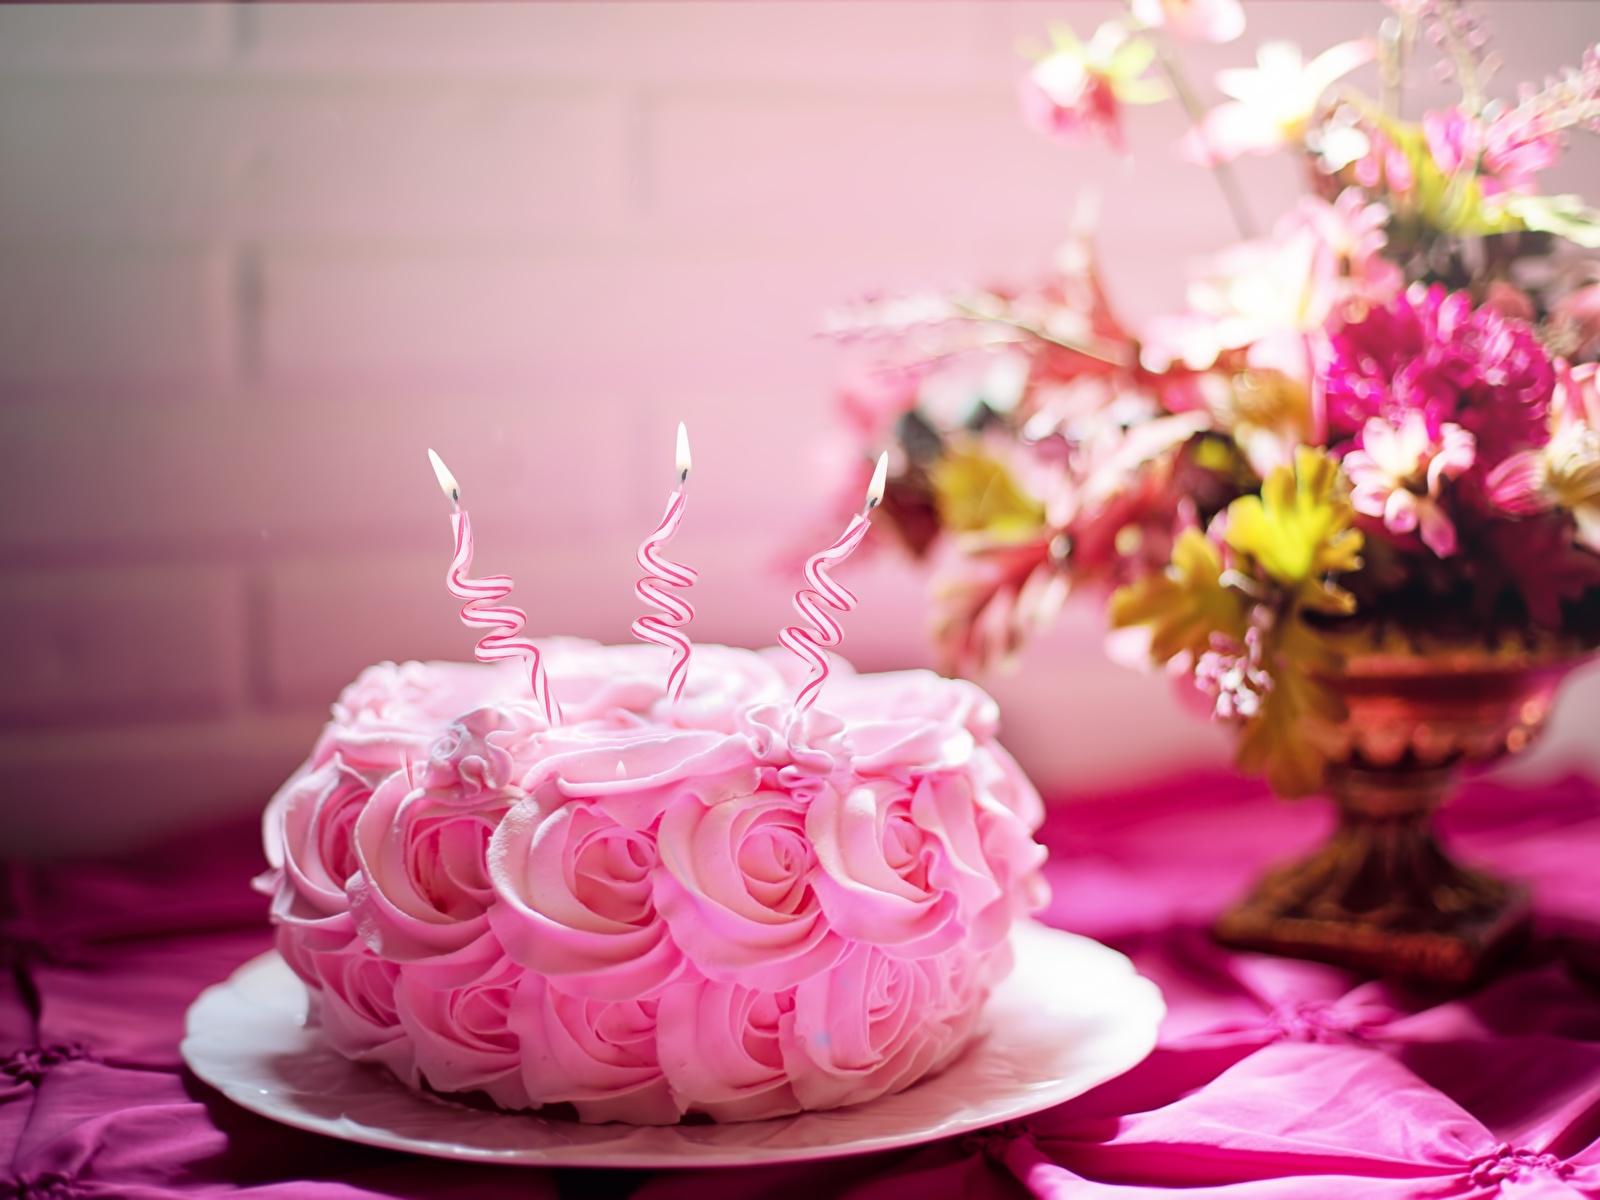 Фотографии День рождения роза Торты розовая Огонь Еда Свечи 1600x1200 Розы розовых Розовый розовые пламя Пища Продукты питания